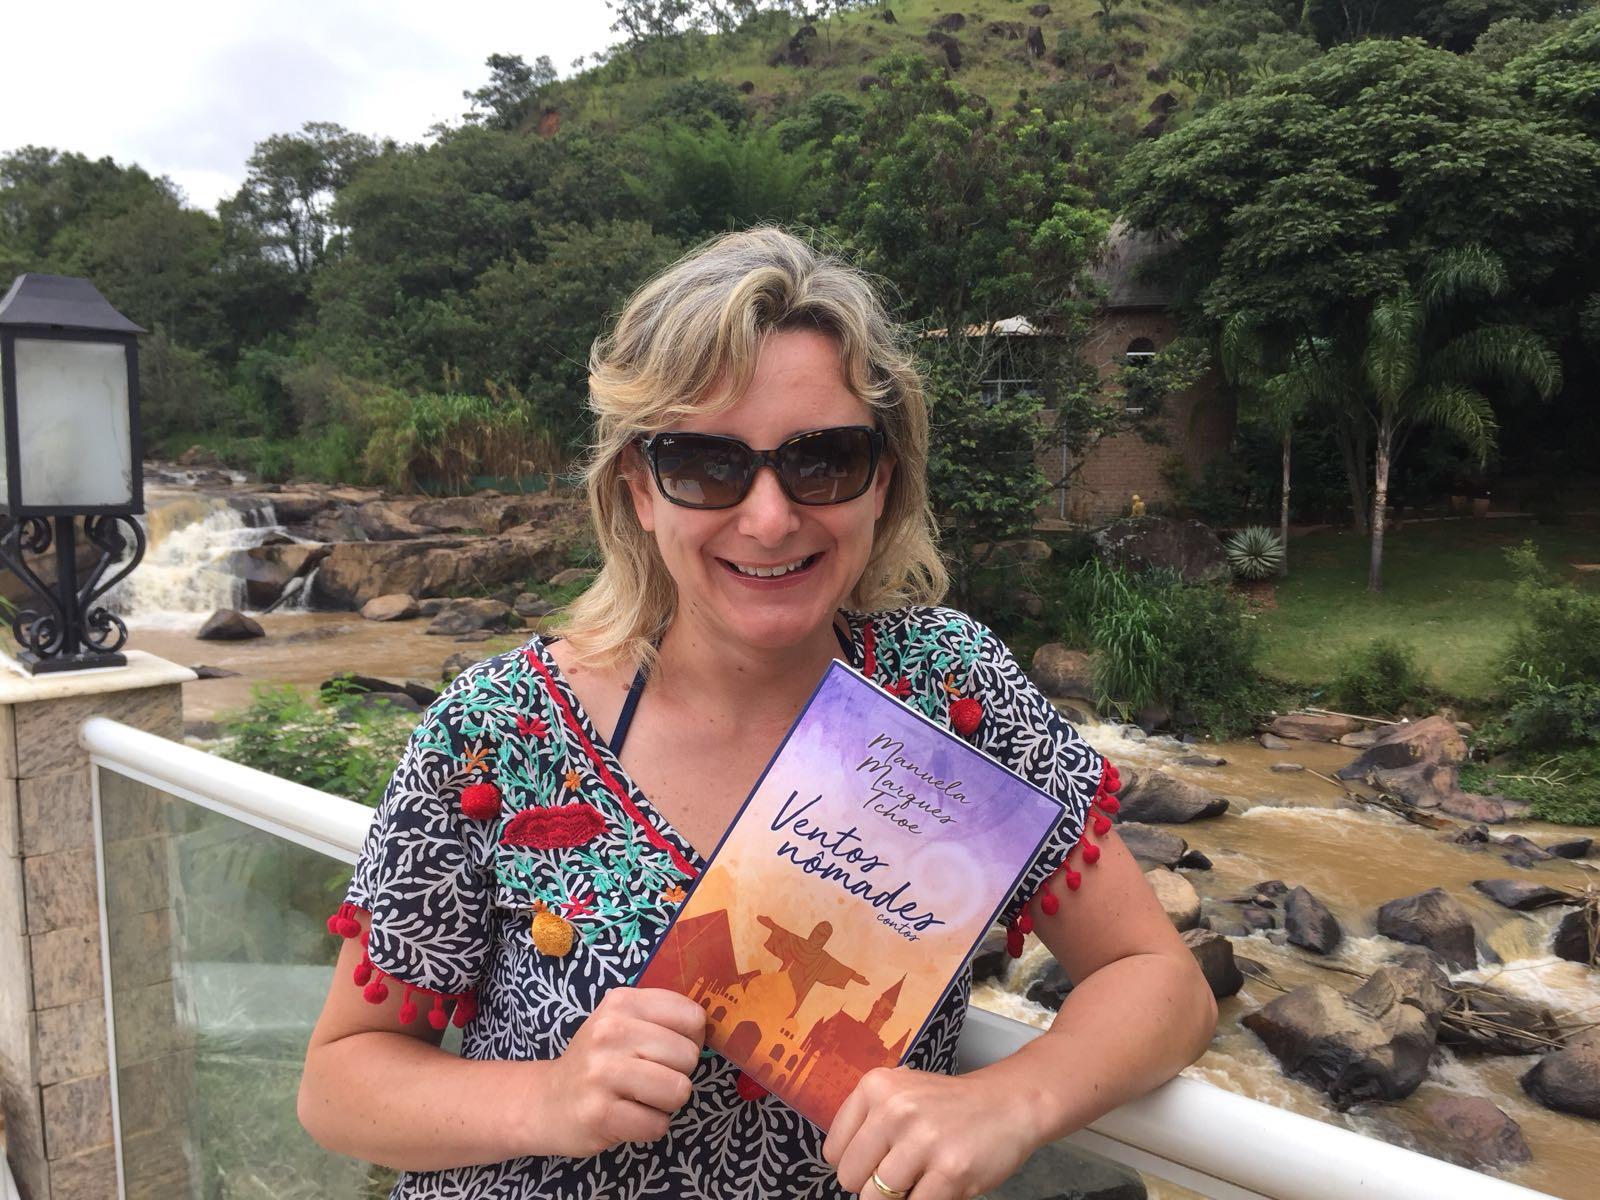 Levando um livro para as férias? Em Socorro, estado de São Paulo. Foto by: Danielle Beltrão.